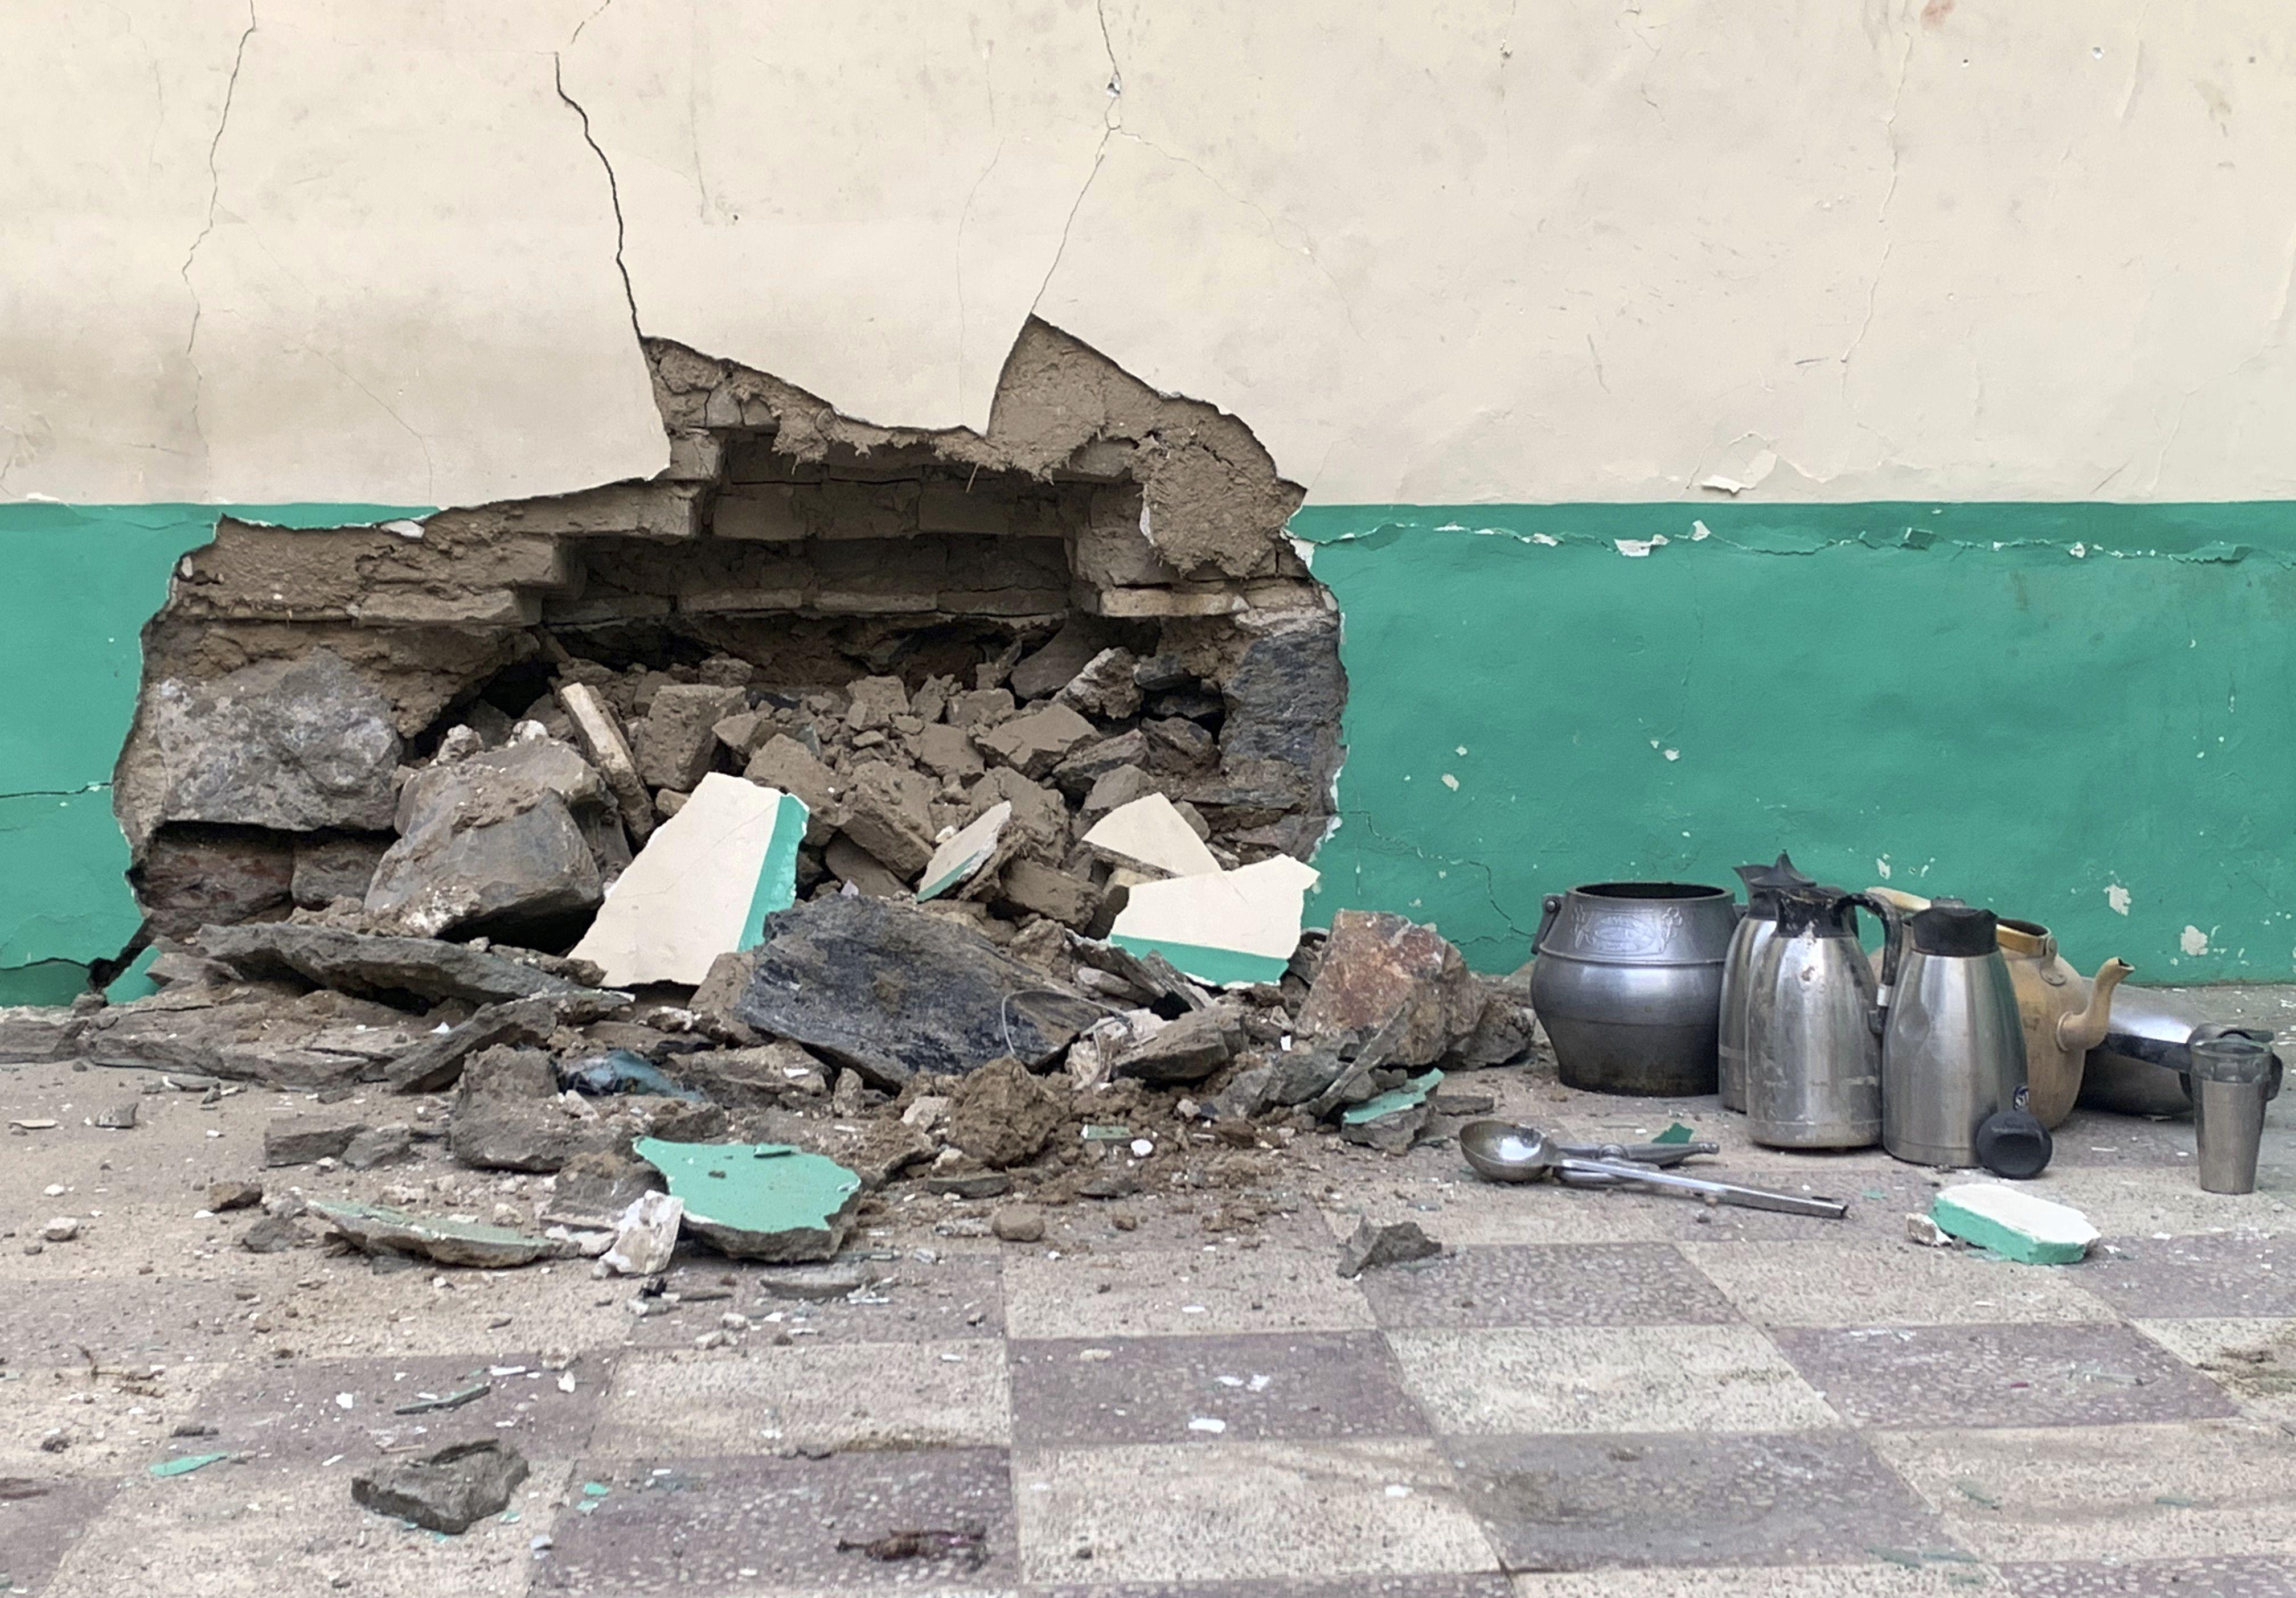 ei reclama ataque suicida en mezquita del sur de afganistan